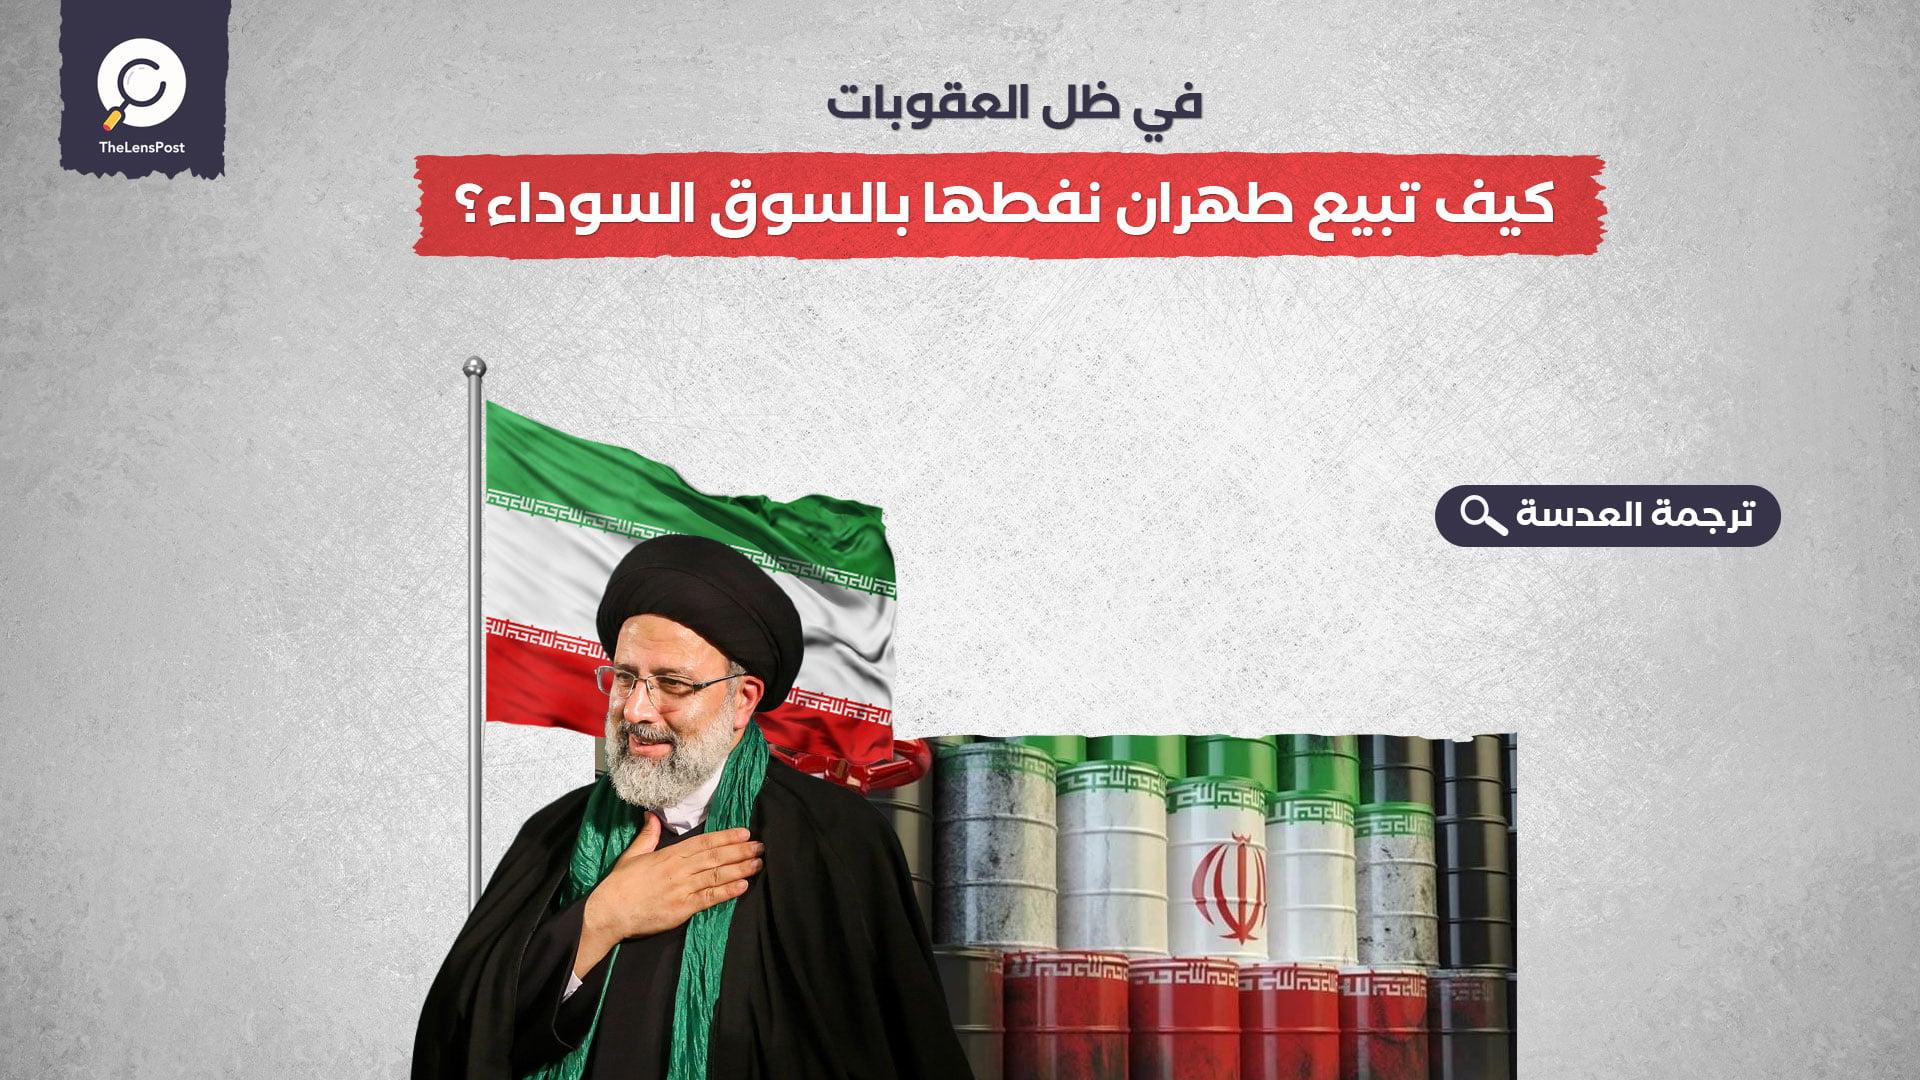 في ظل العقوبات.. كيف تبيع طهران نفطها بالسوق السوداء؟